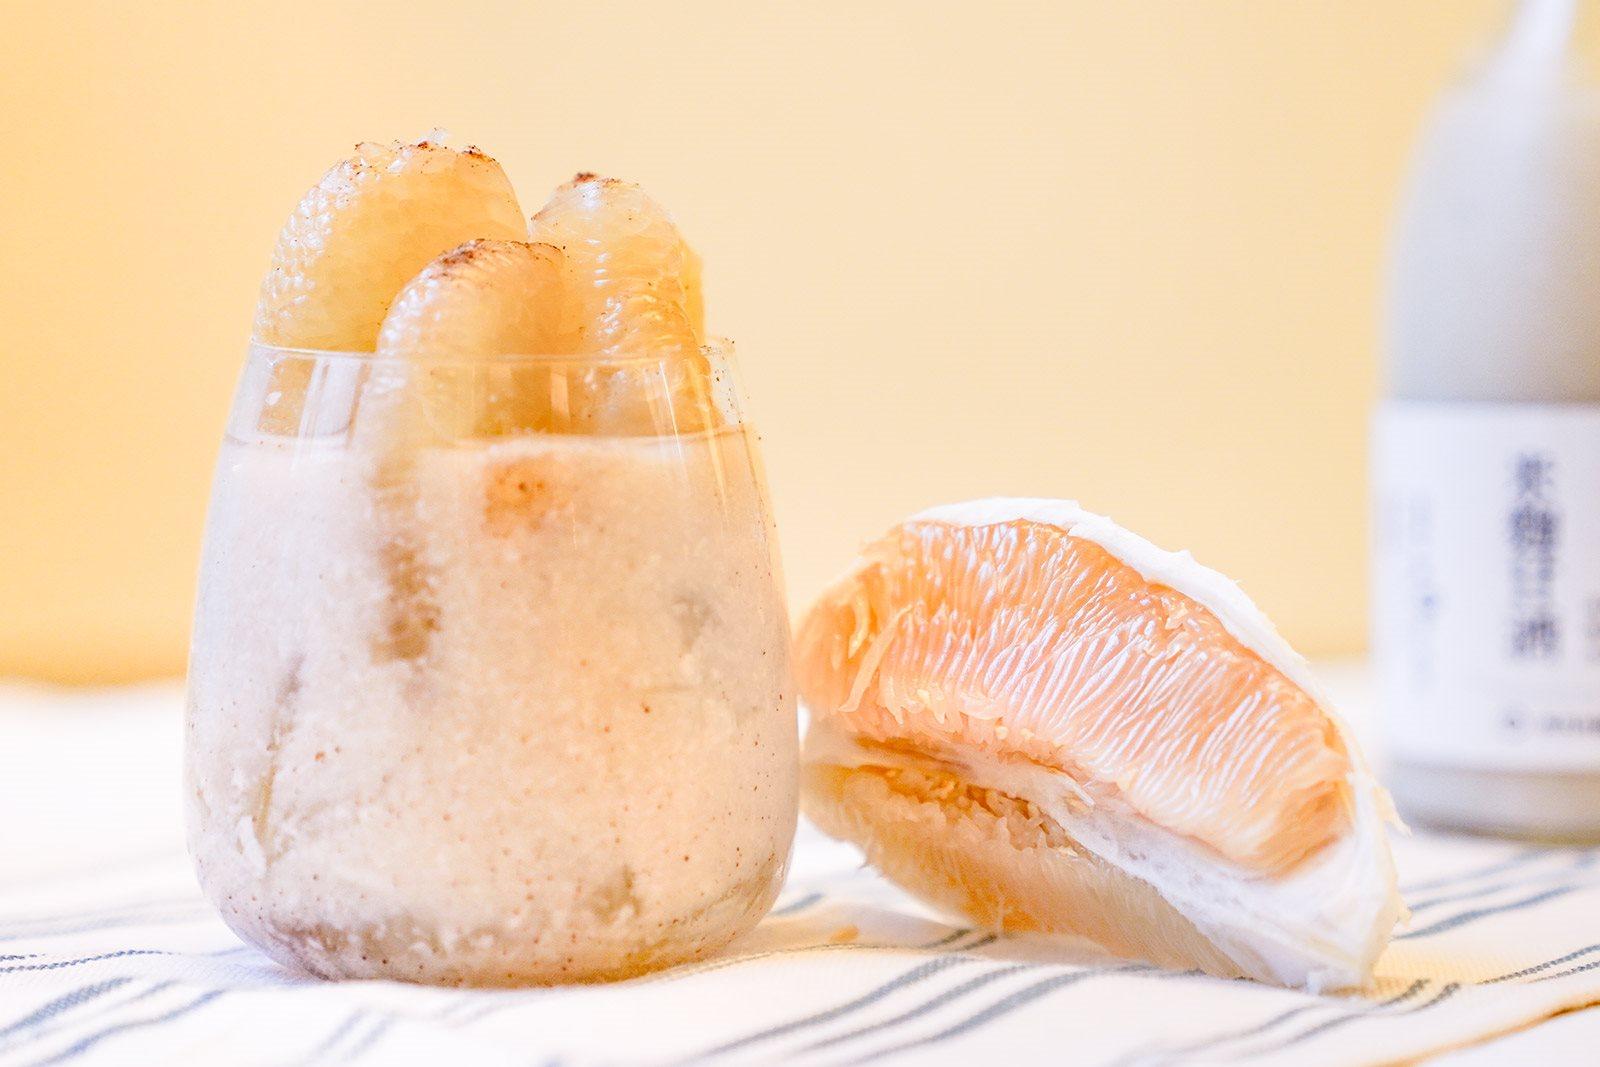 柚見梅好甘酒飲,懷舊時光中的鹹甜滋味|禾乃川小廚房